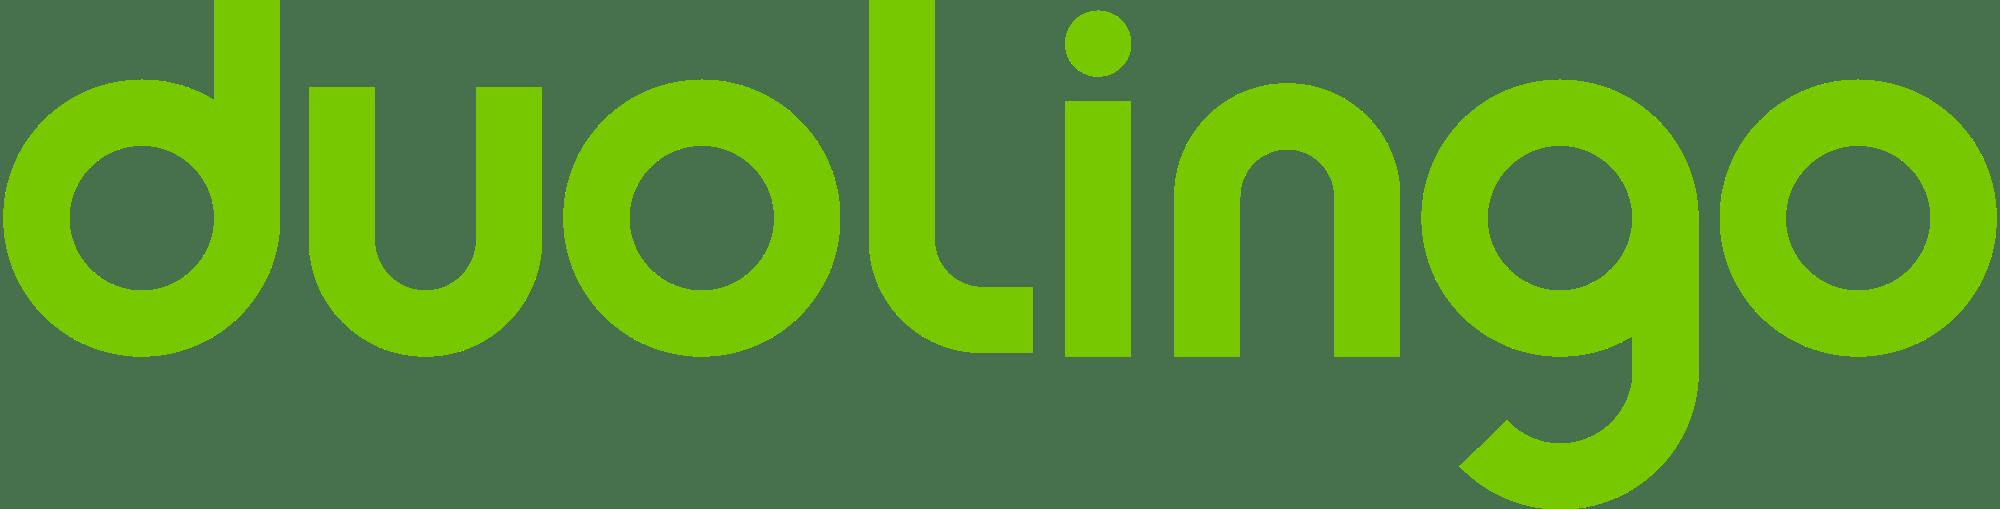 Duolingo Desbloqueado con todos los idiomas [Apk Gratis